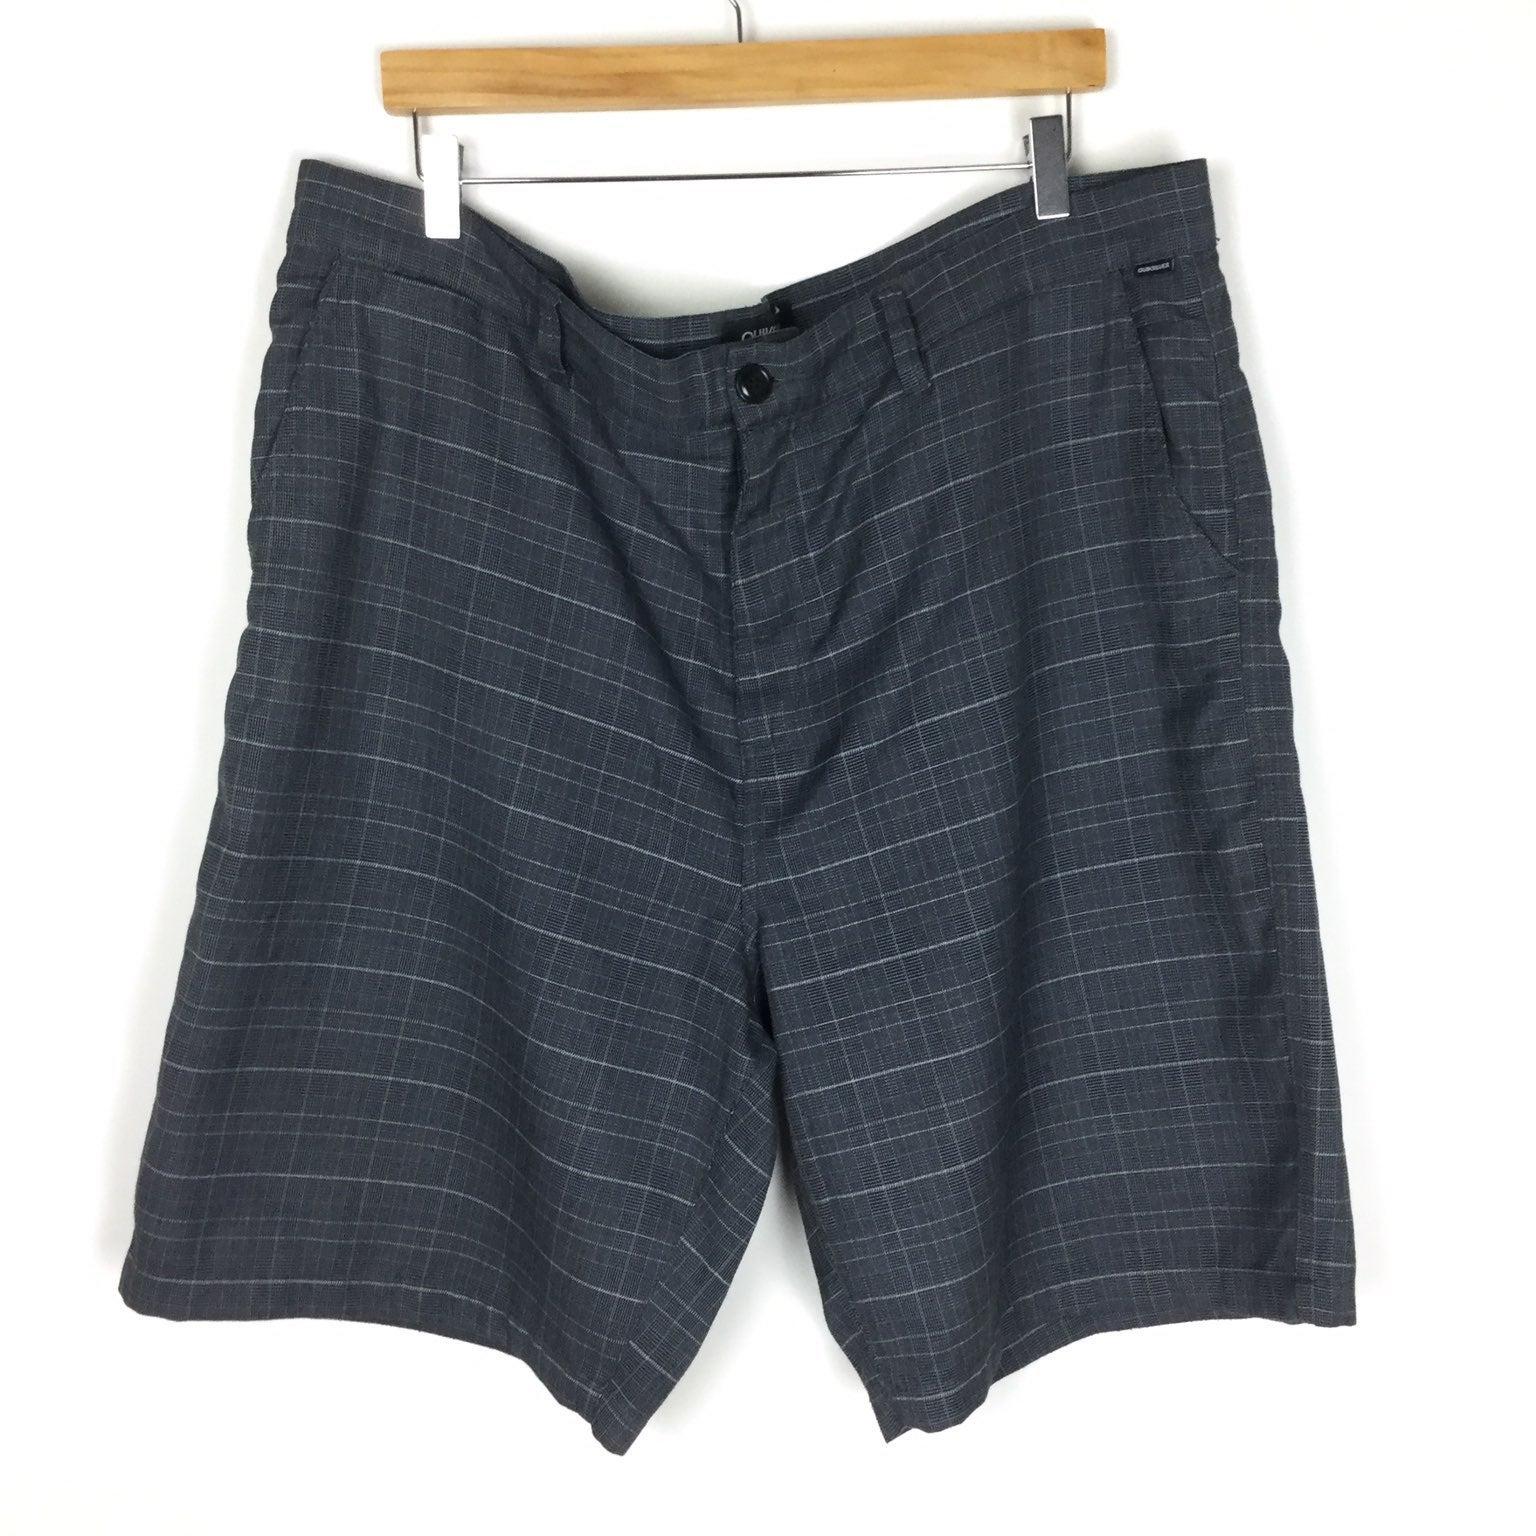 Quiksilver Shorts Size 40